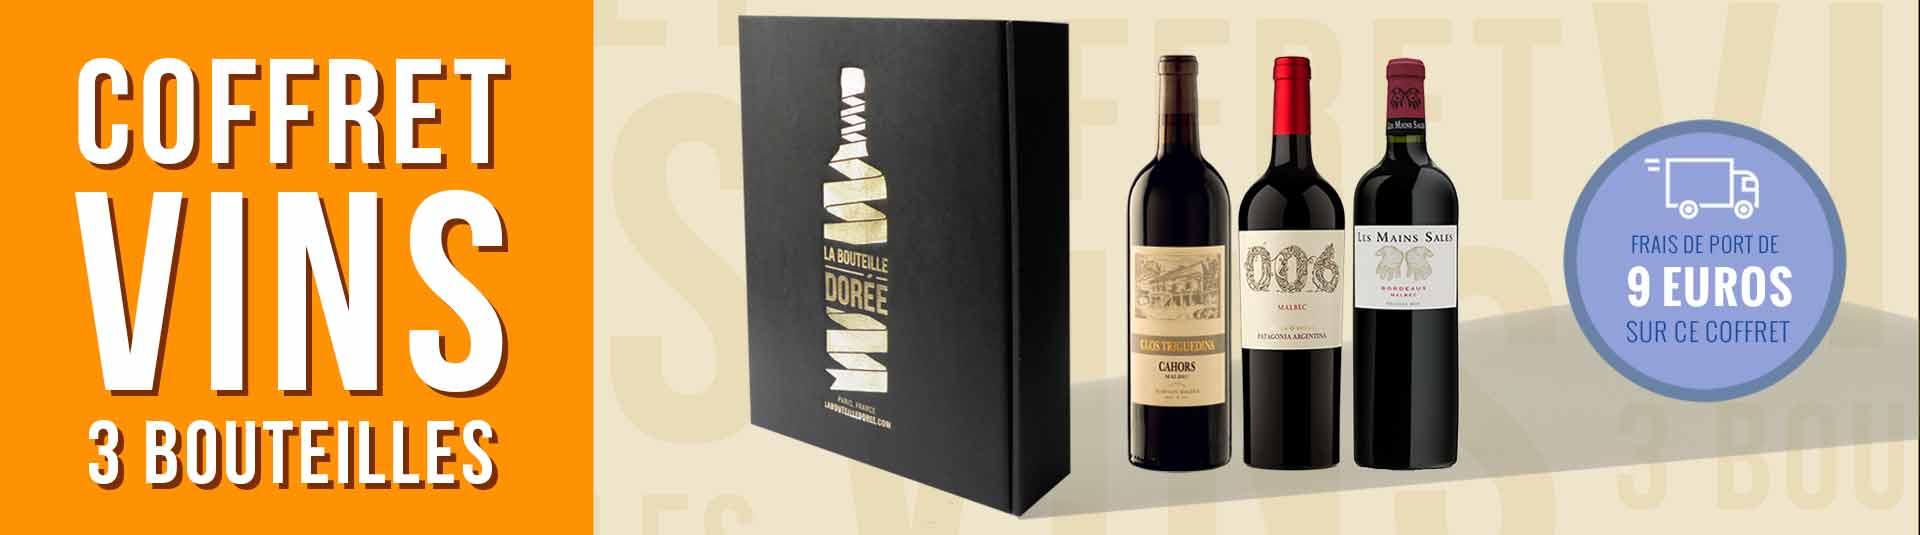 coffret vin 3 bouteilles cépage Malbec Bordeaux, Cahors et Argentine